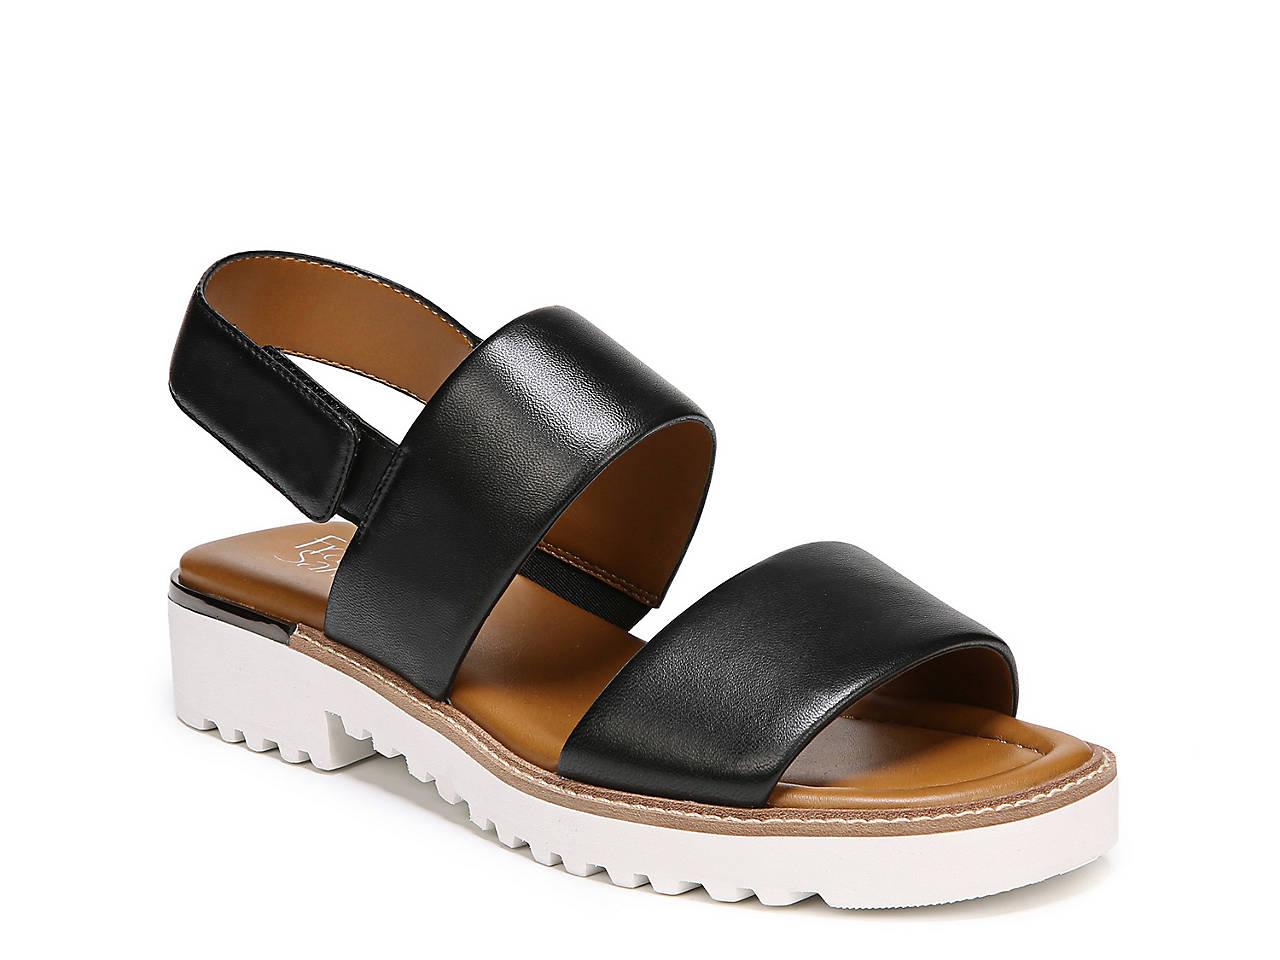 748b7f581c1310 Franco Sarto Terrell Sandal Women s Shoes